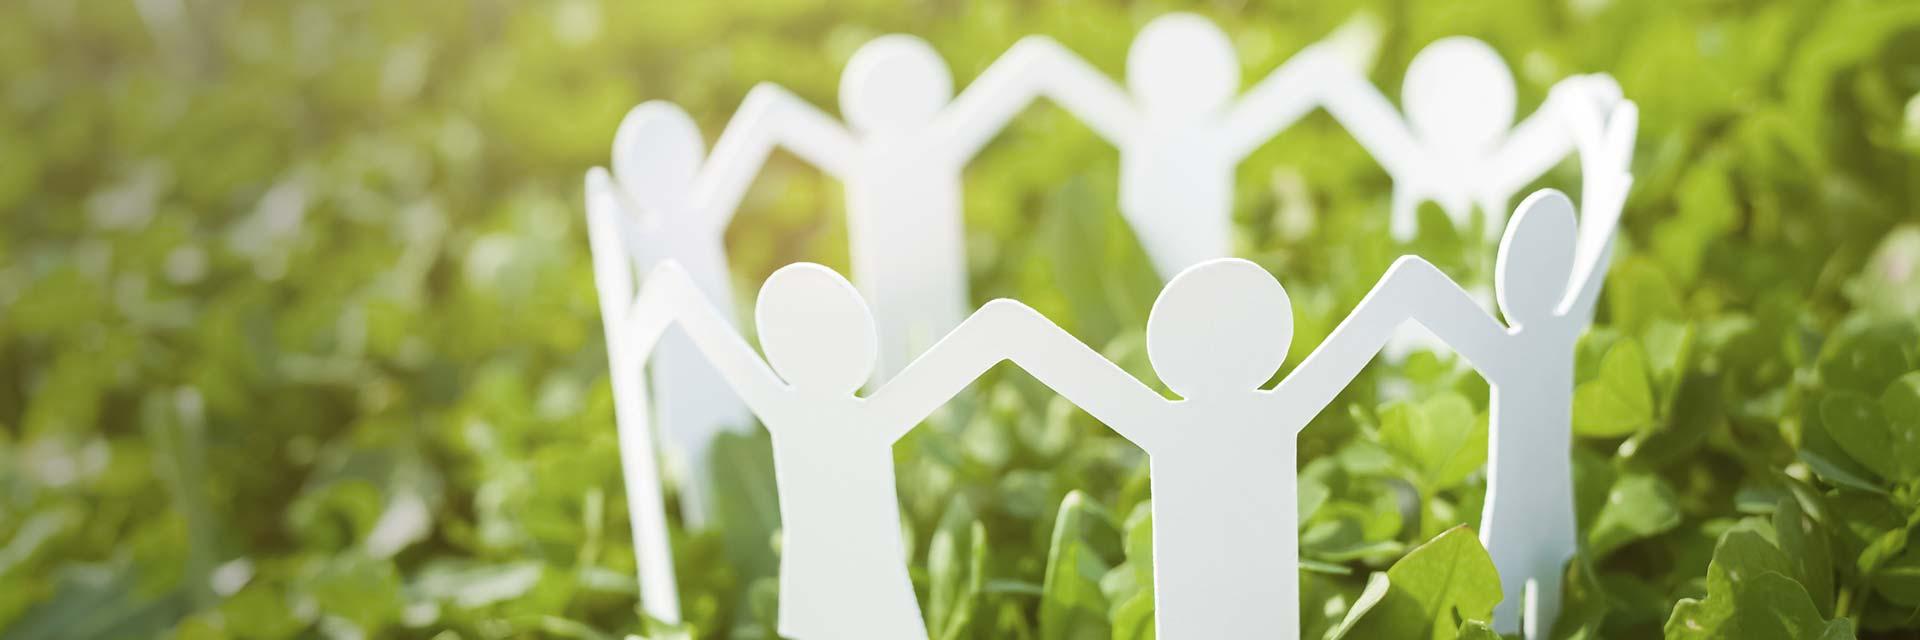 Ledarskap illustrerat av figurer som tillsammans bildar cirkel för att skapa trygghet i organisationen